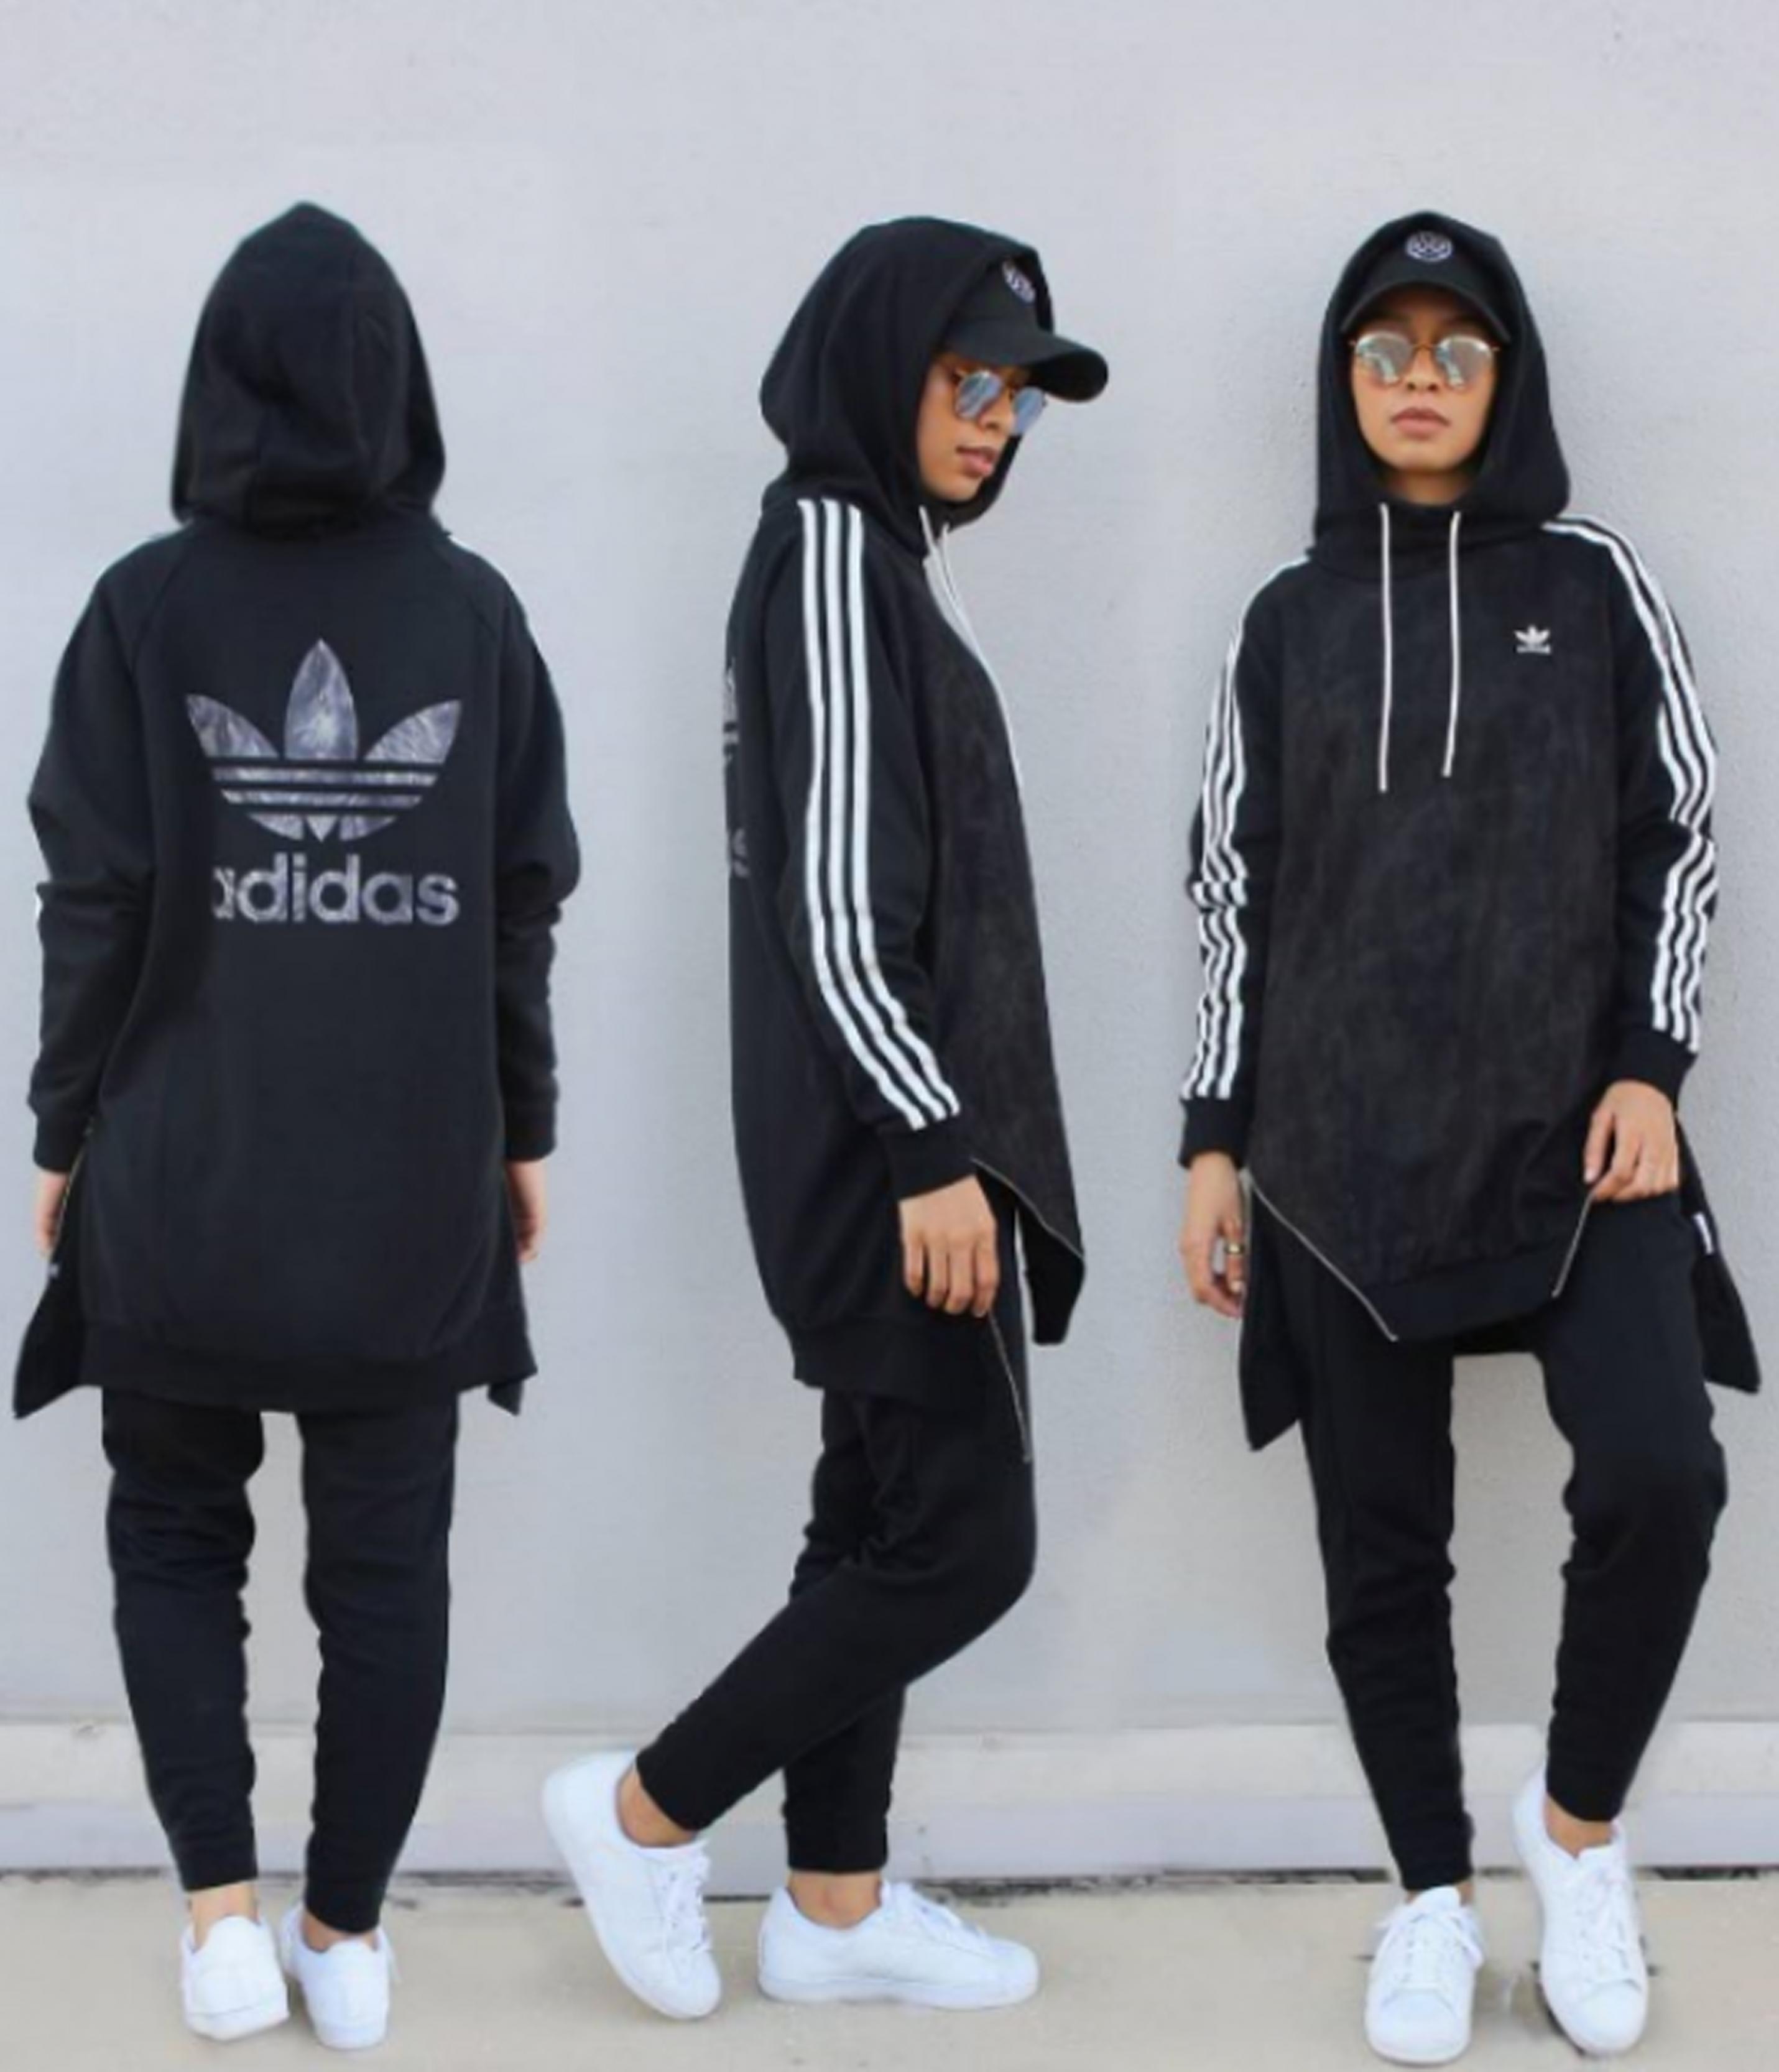 صور ملابس رياضية للمحجبات , ملابس رياضيه مودرن مناسبه للمحجبات